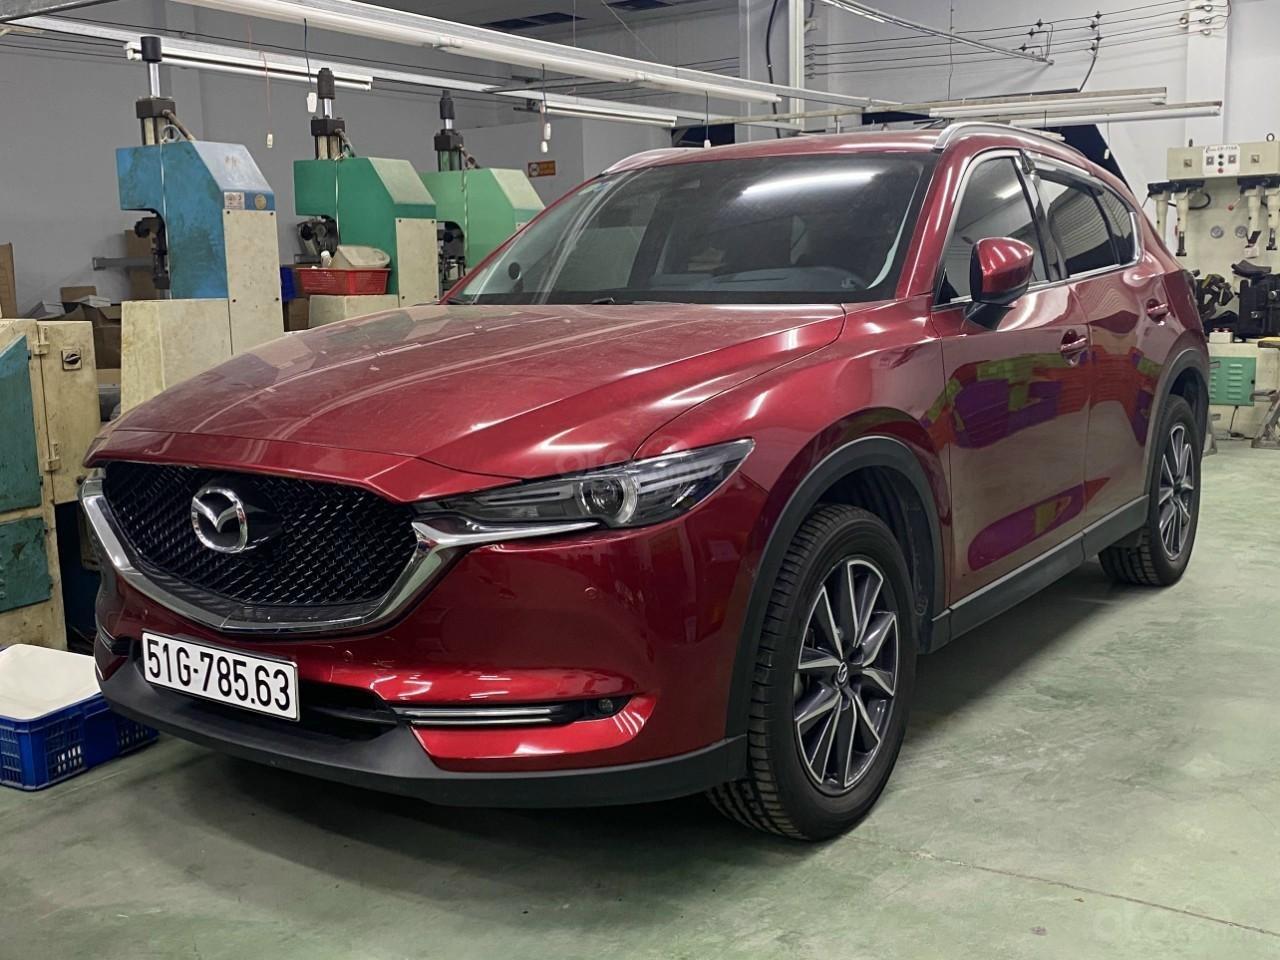 Mazda CX5 2.5AT 2019 màu đỏ siêu lướt 3.000km, zin nguyên bản như xe hãng (2)